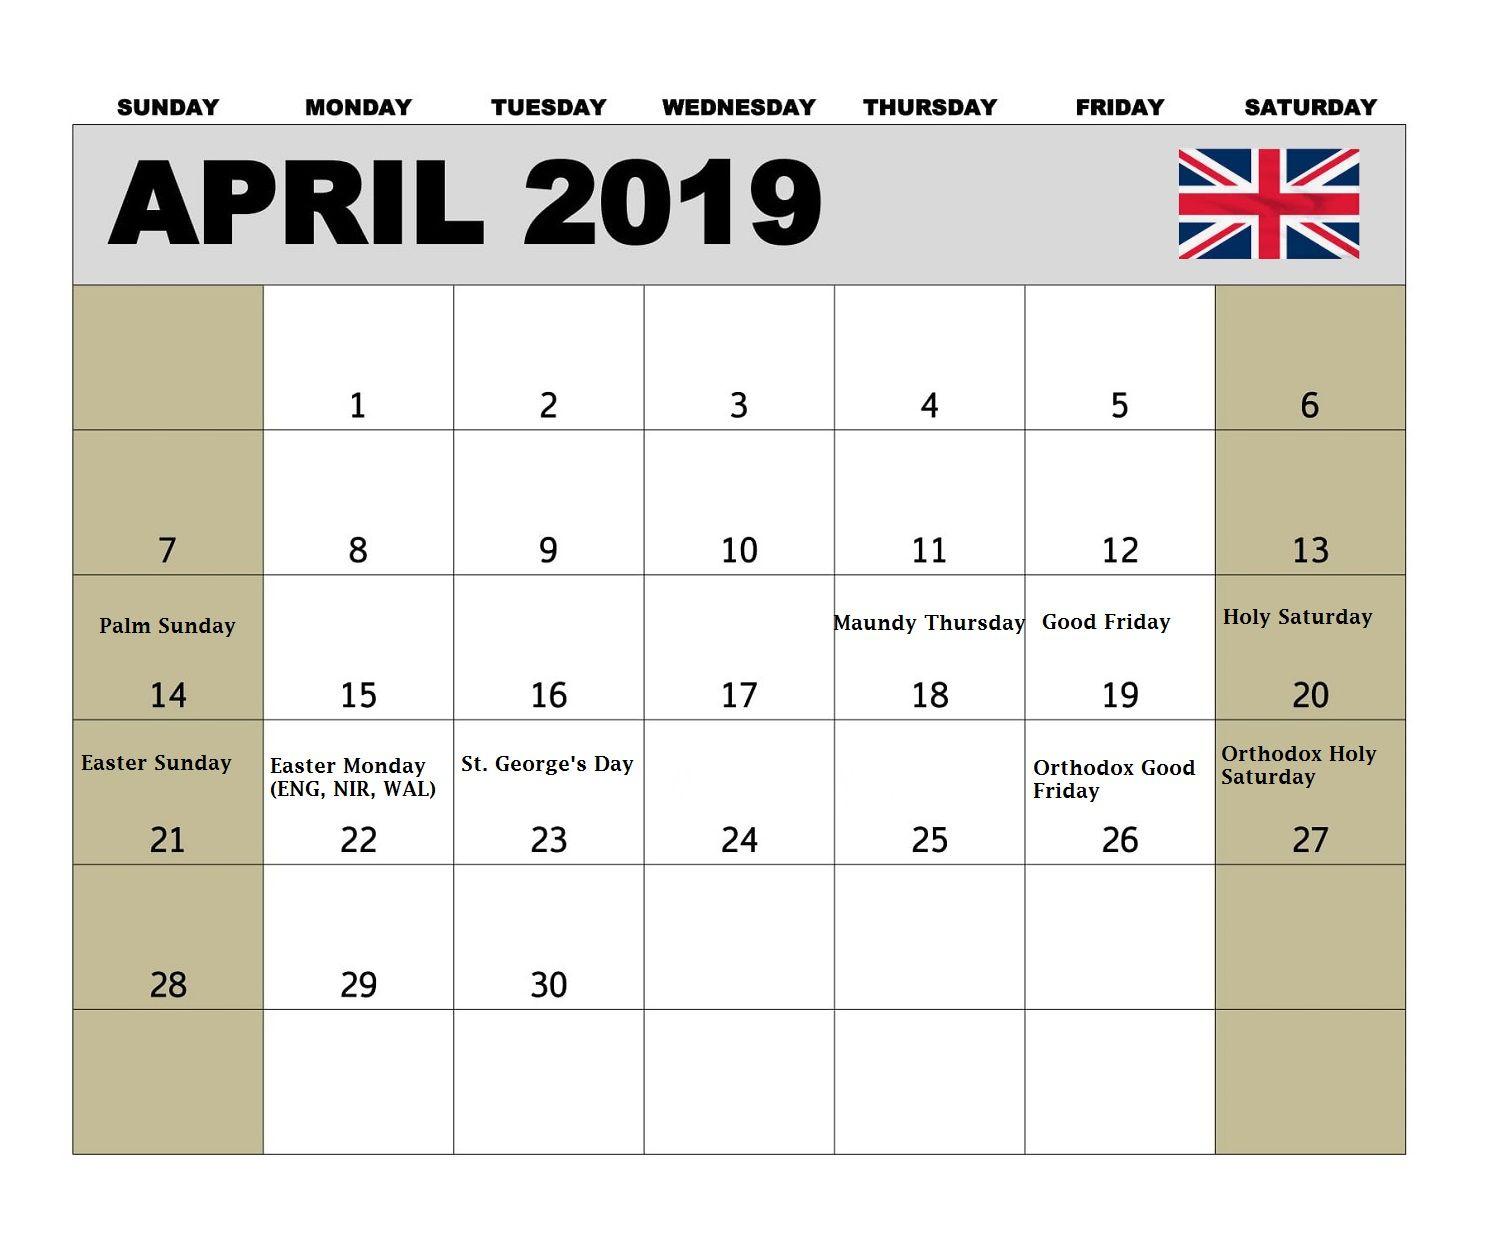 April 2019 UK Holidays Calendar #april #2019calendar #april2019calendar #uk  | 2019 calendar, Holiday calendar, Calendar uk